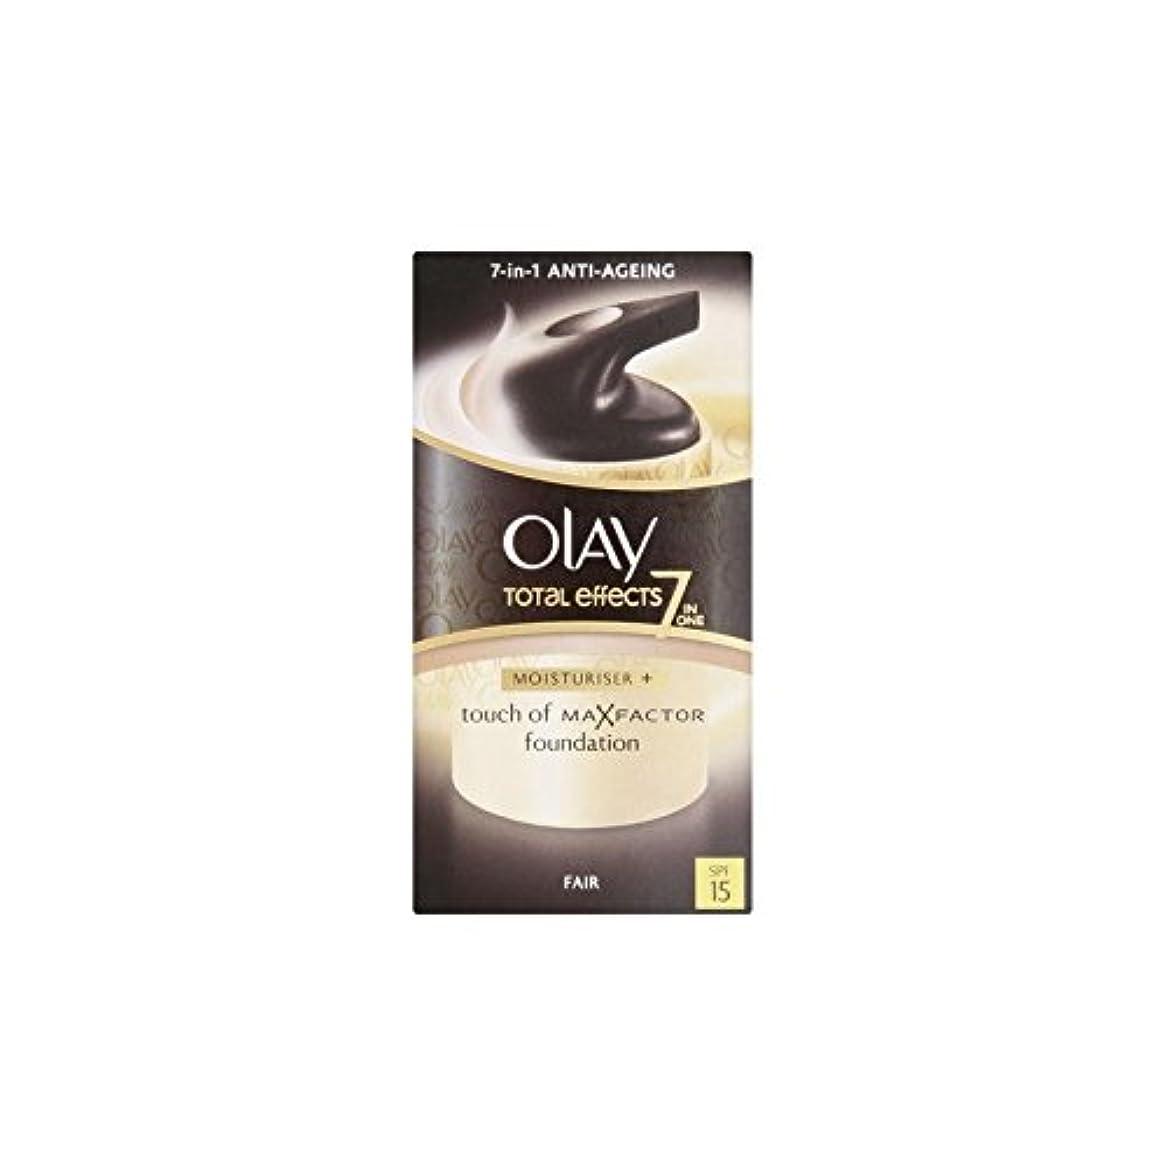 でる代替案必需品Olay Total Effects Moisturiser Bb Cream Spf15 - Fair (50ml) - オーレイトータルエフェクト保湿クリーム15 - フェア(50ミリリットル) [並行輸入品]